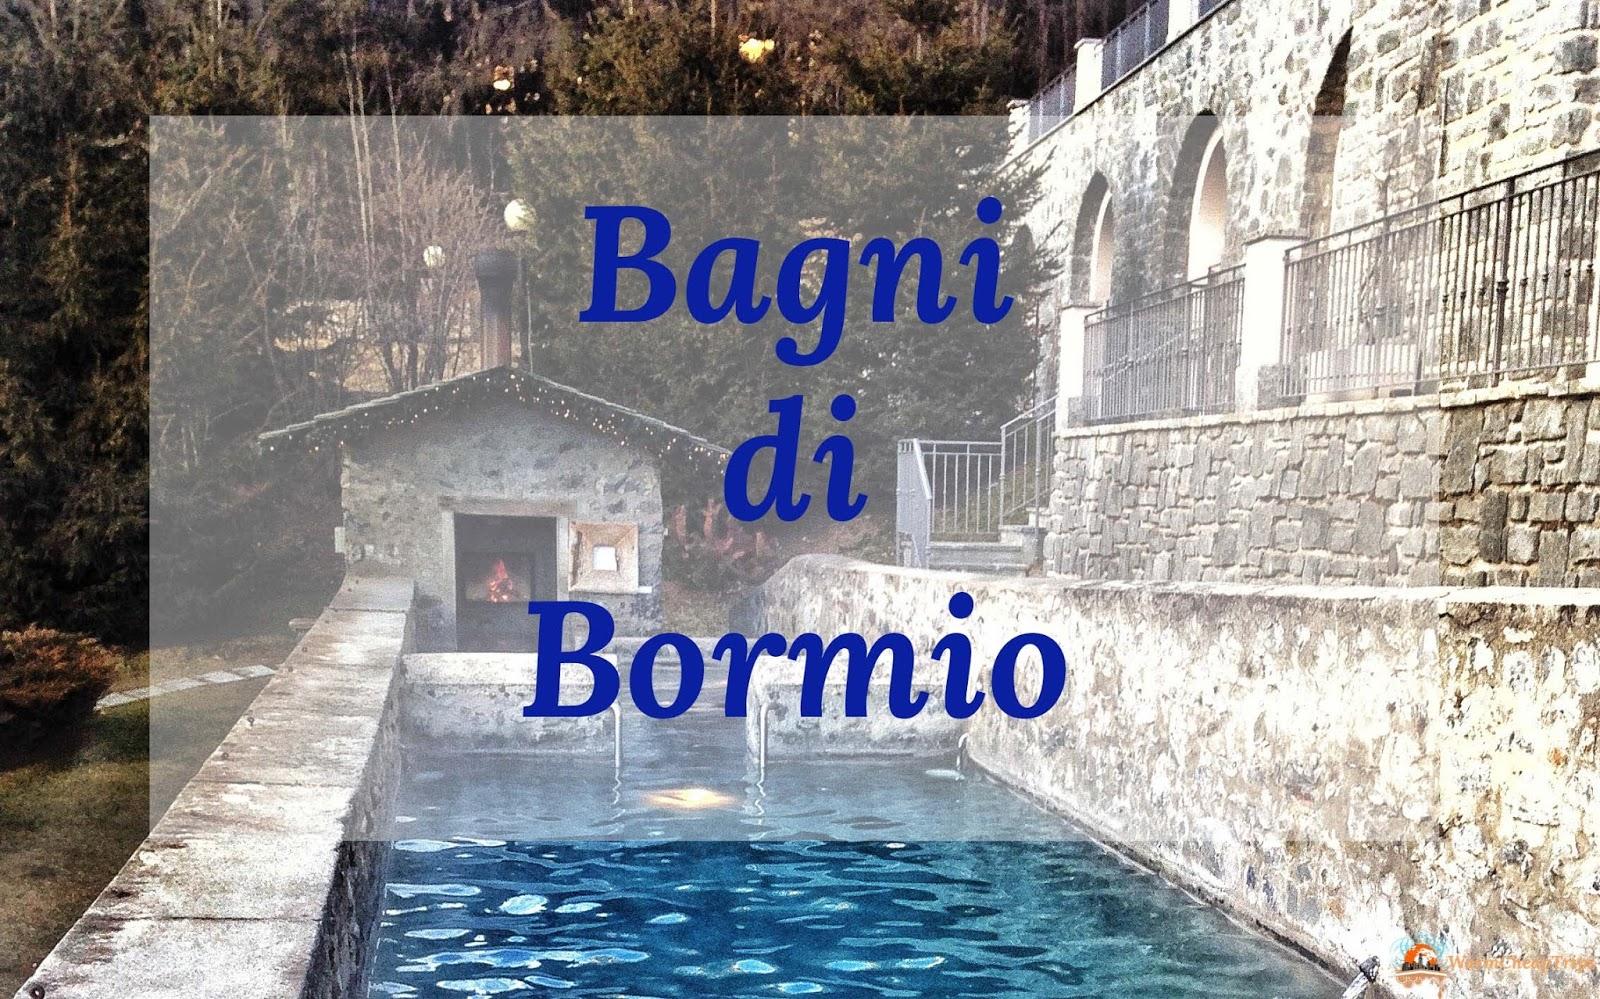 Bagni di bormio un paradiso termale tra le montagne - Terme bagni vecchi bormio ...